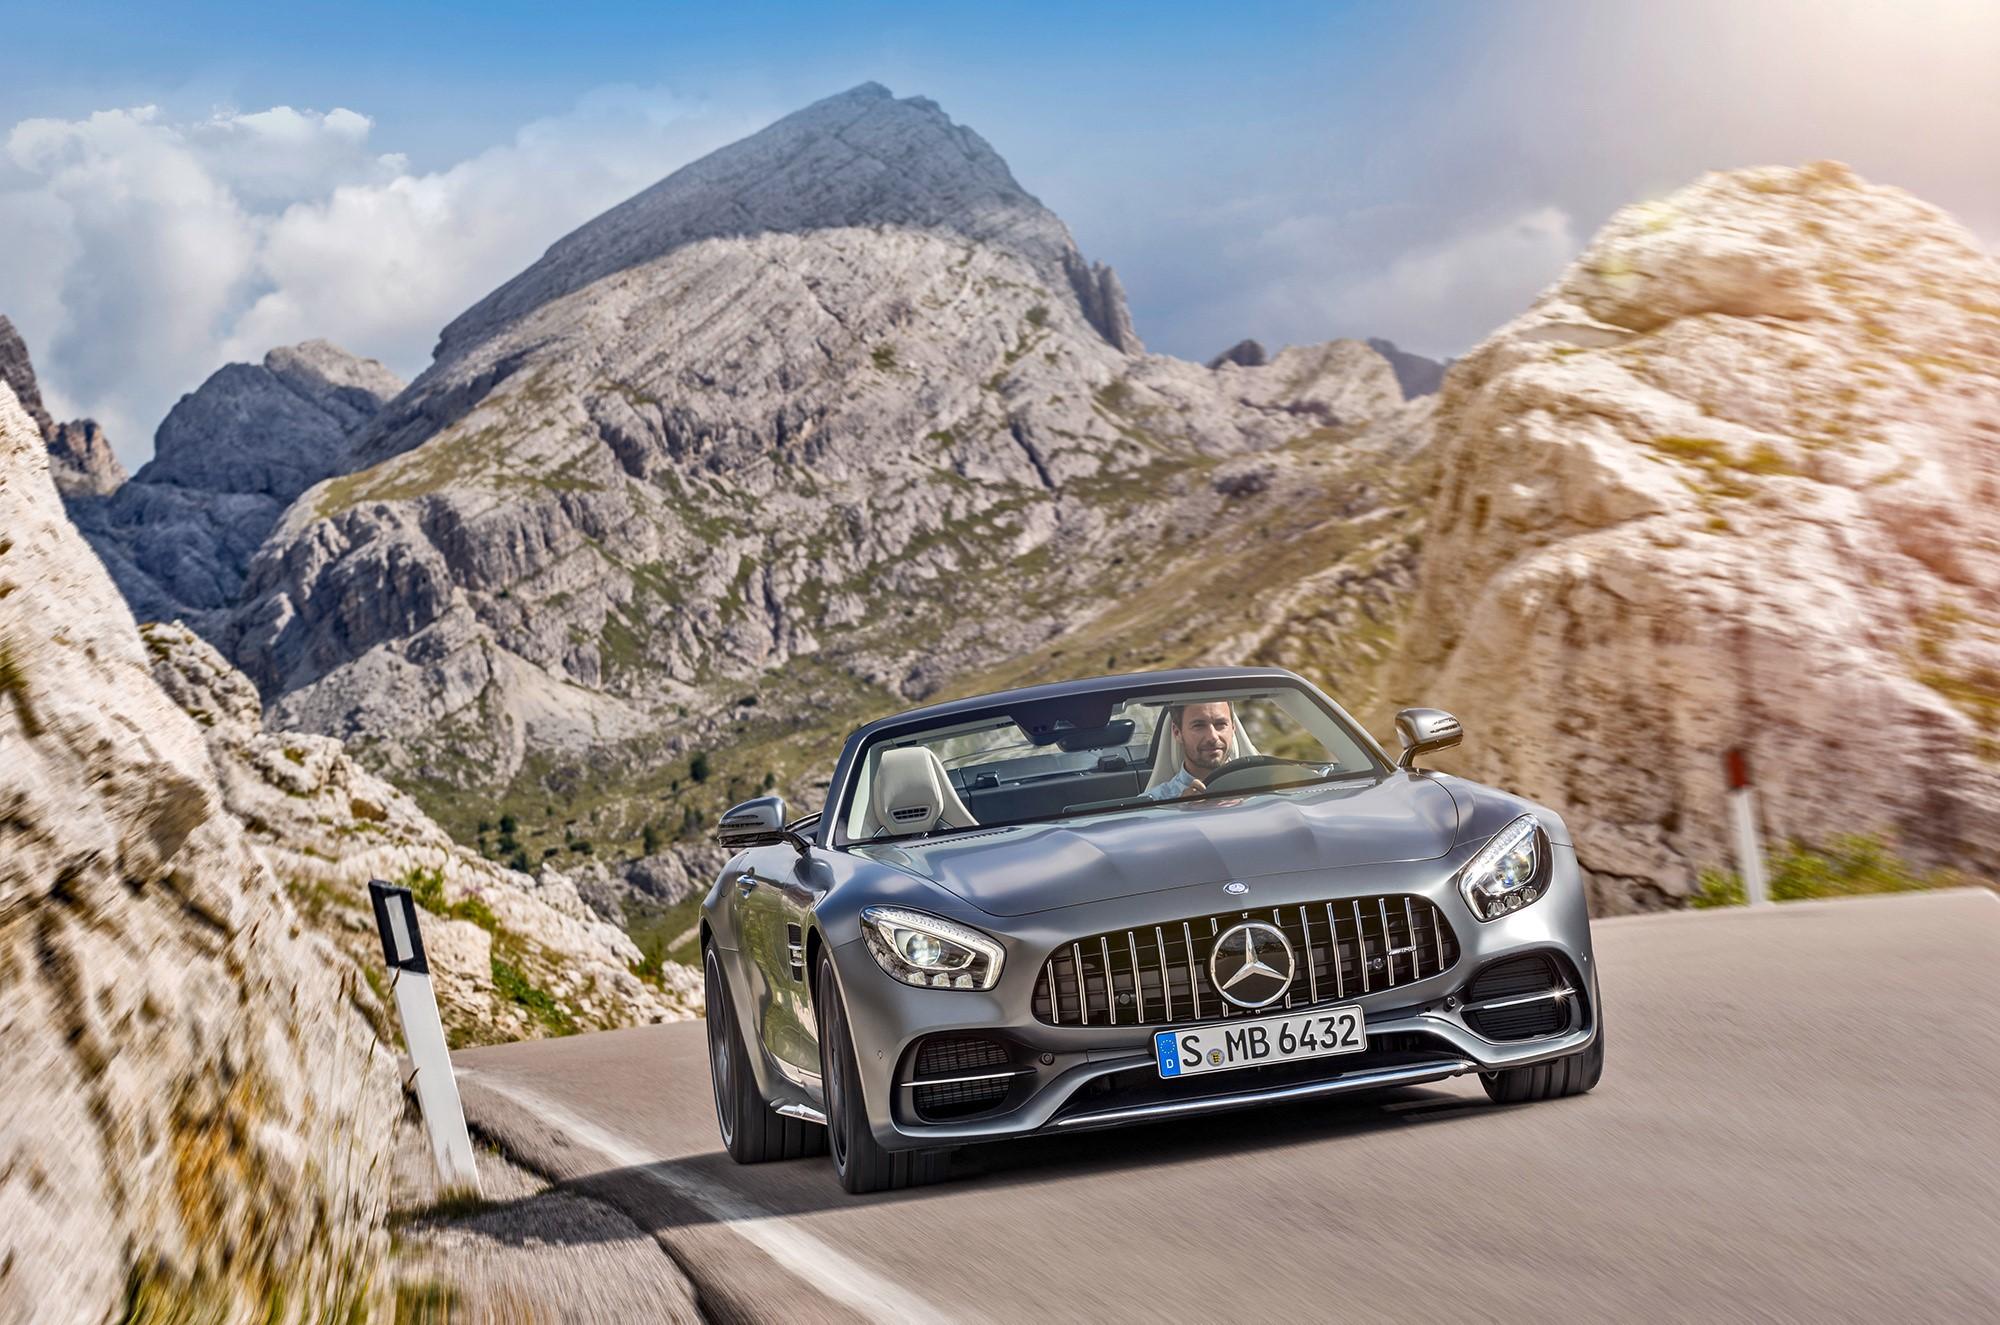 Mercedes AMG GT C Roadster images